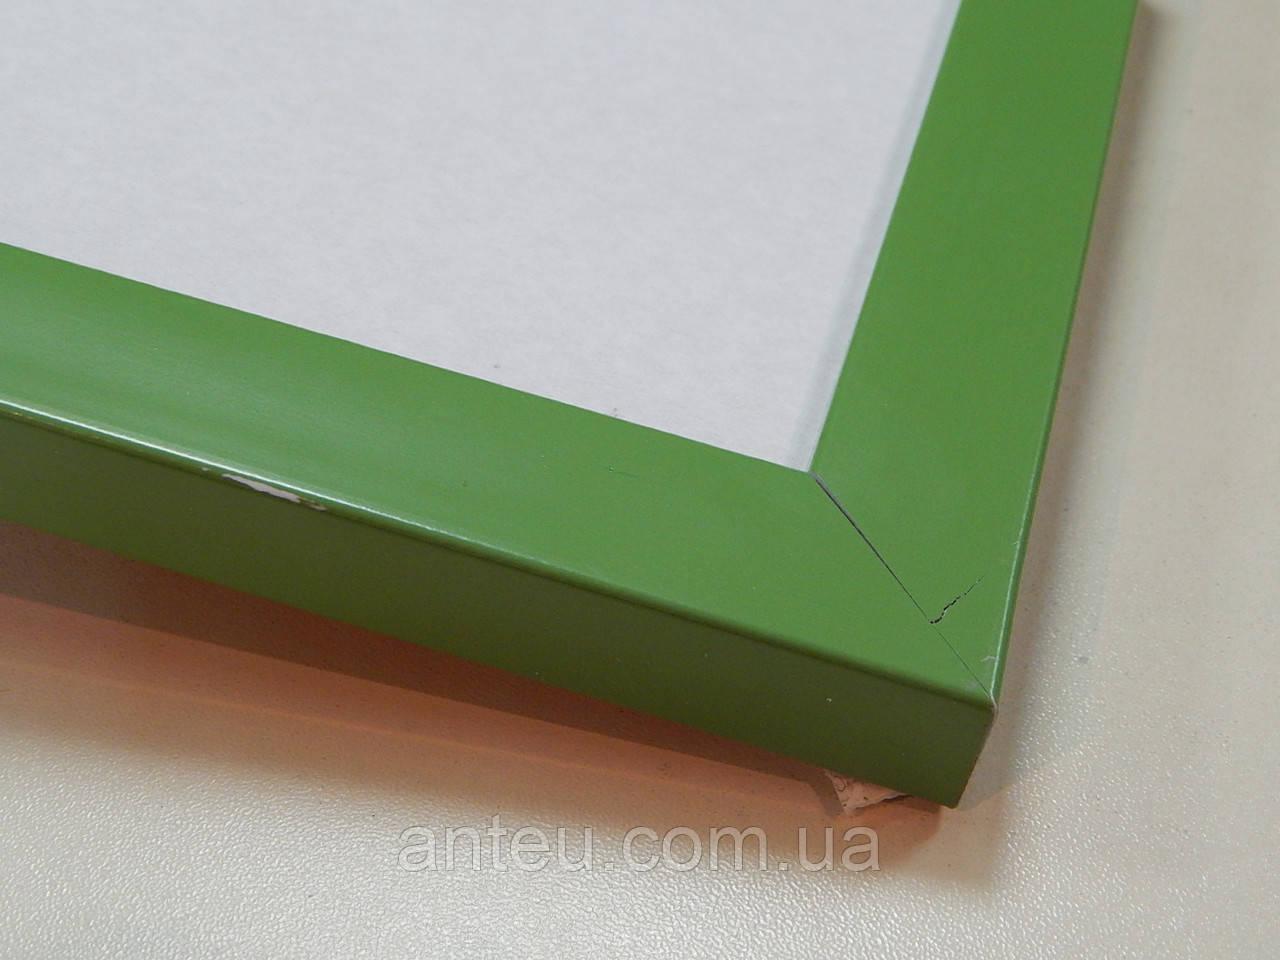 Рамка А2(420х594)Антибликовое стеклоПрофиль 22 мм.Зеленый матовый.